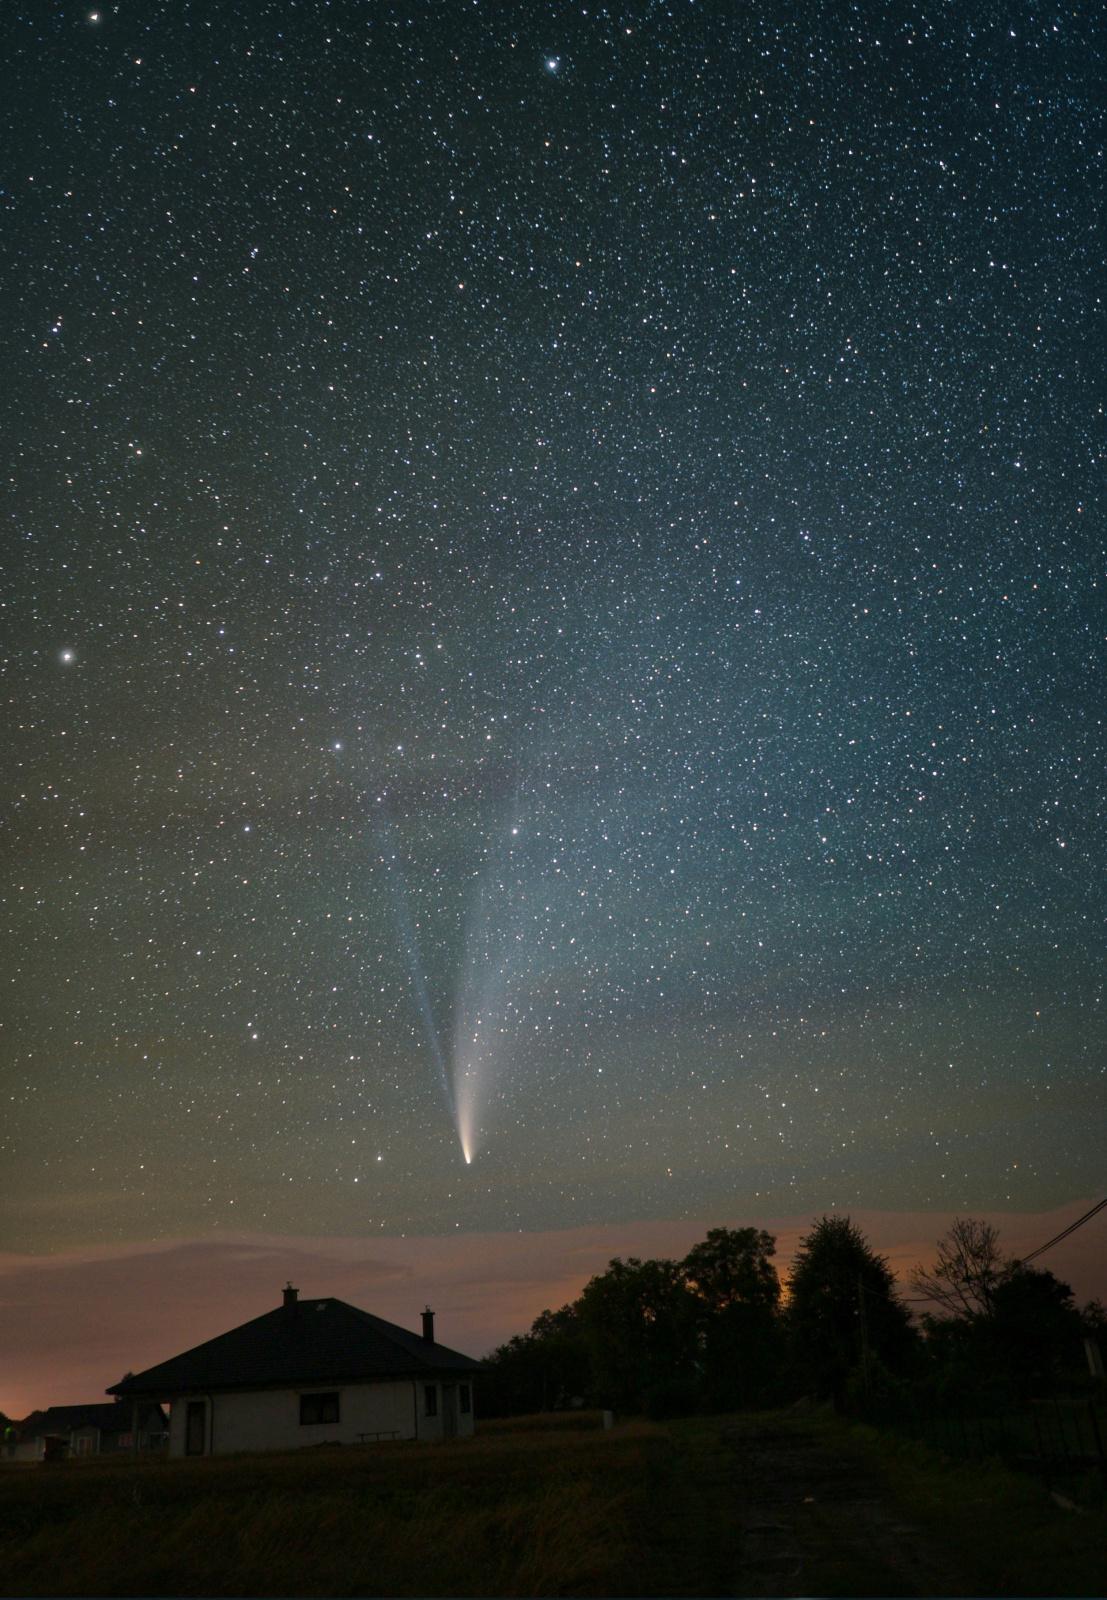 Neowise_comet_071820-01-01.jpeg